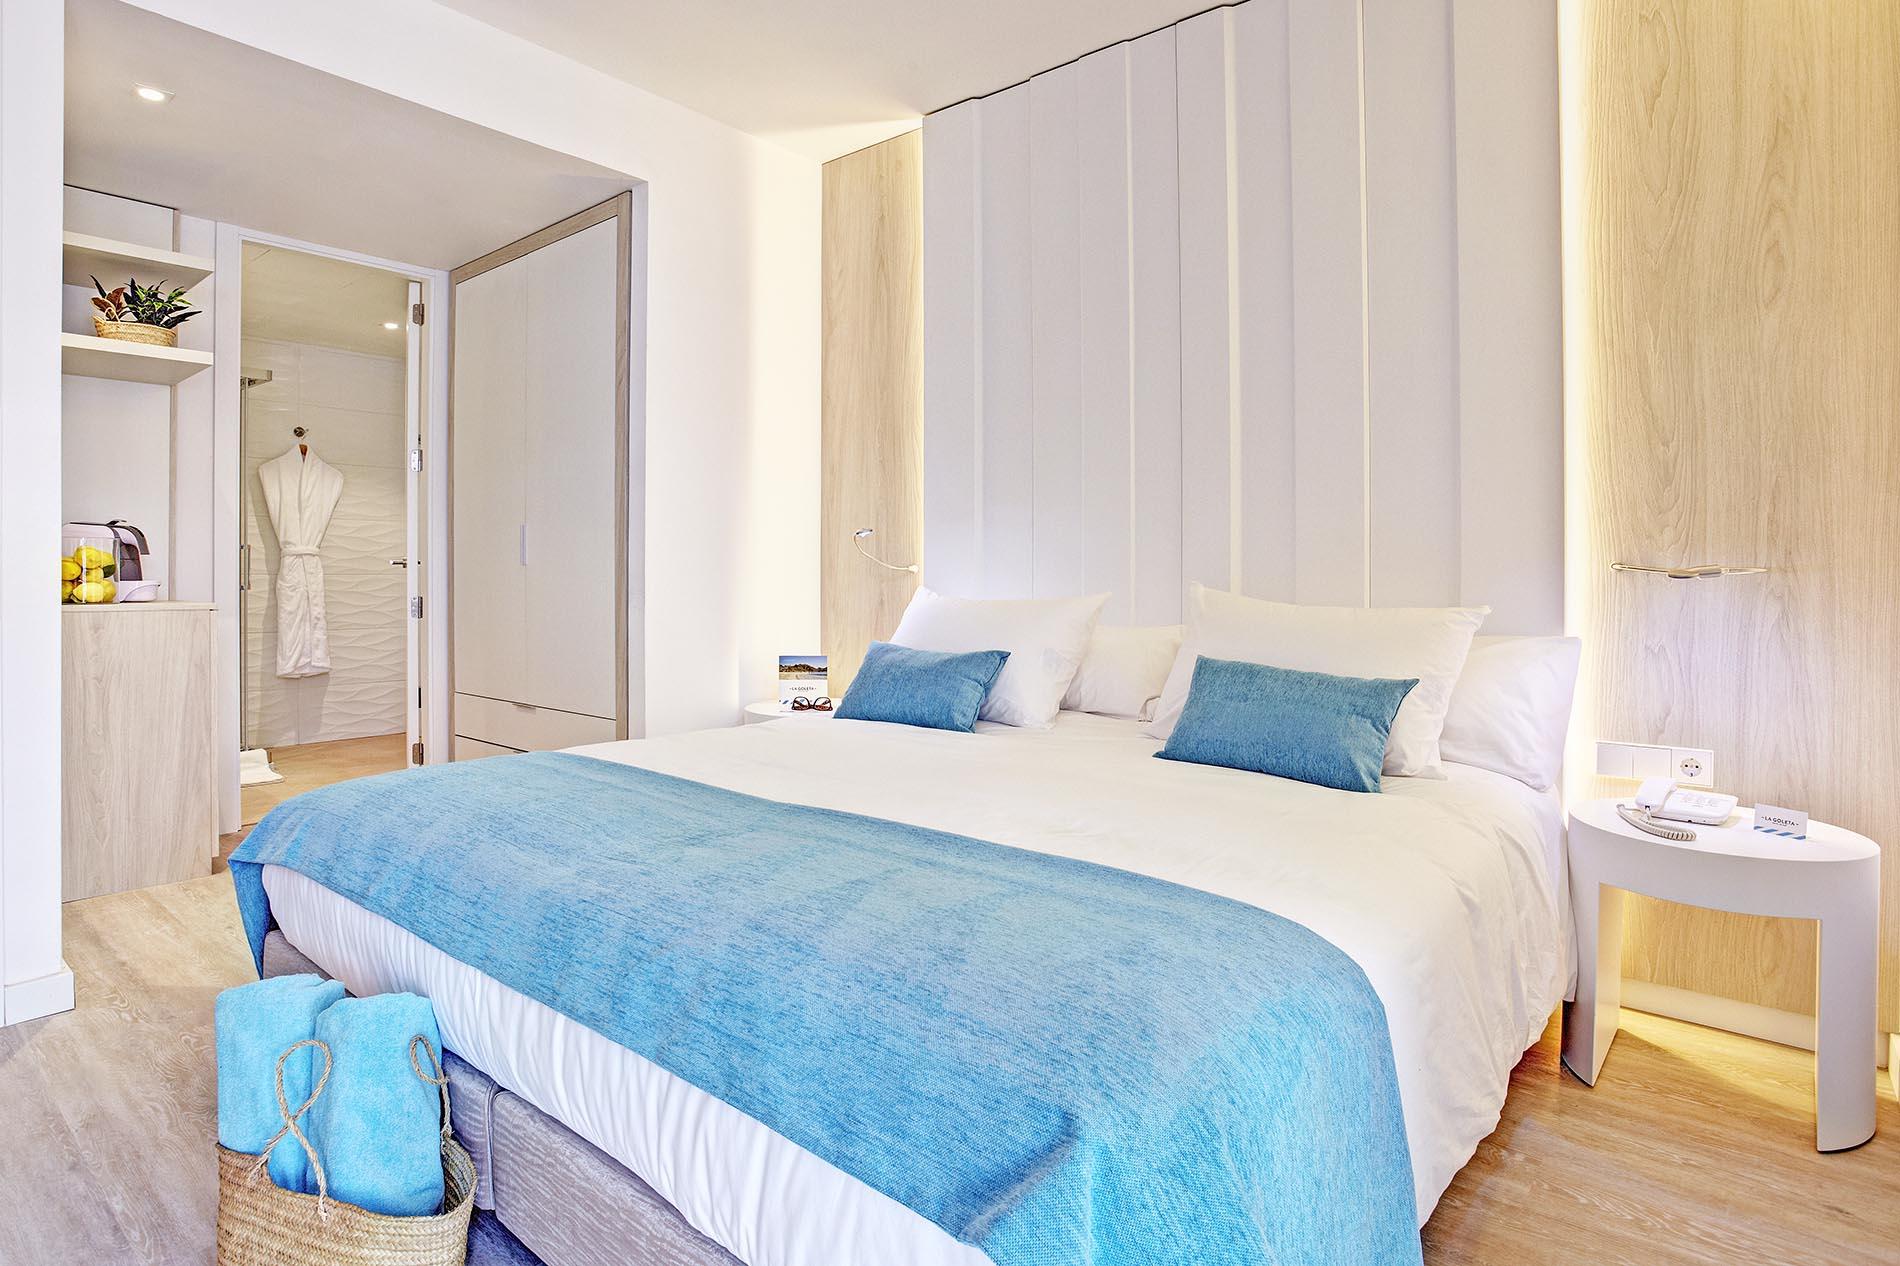 La Goleta hotel de mar photoshooting habitación